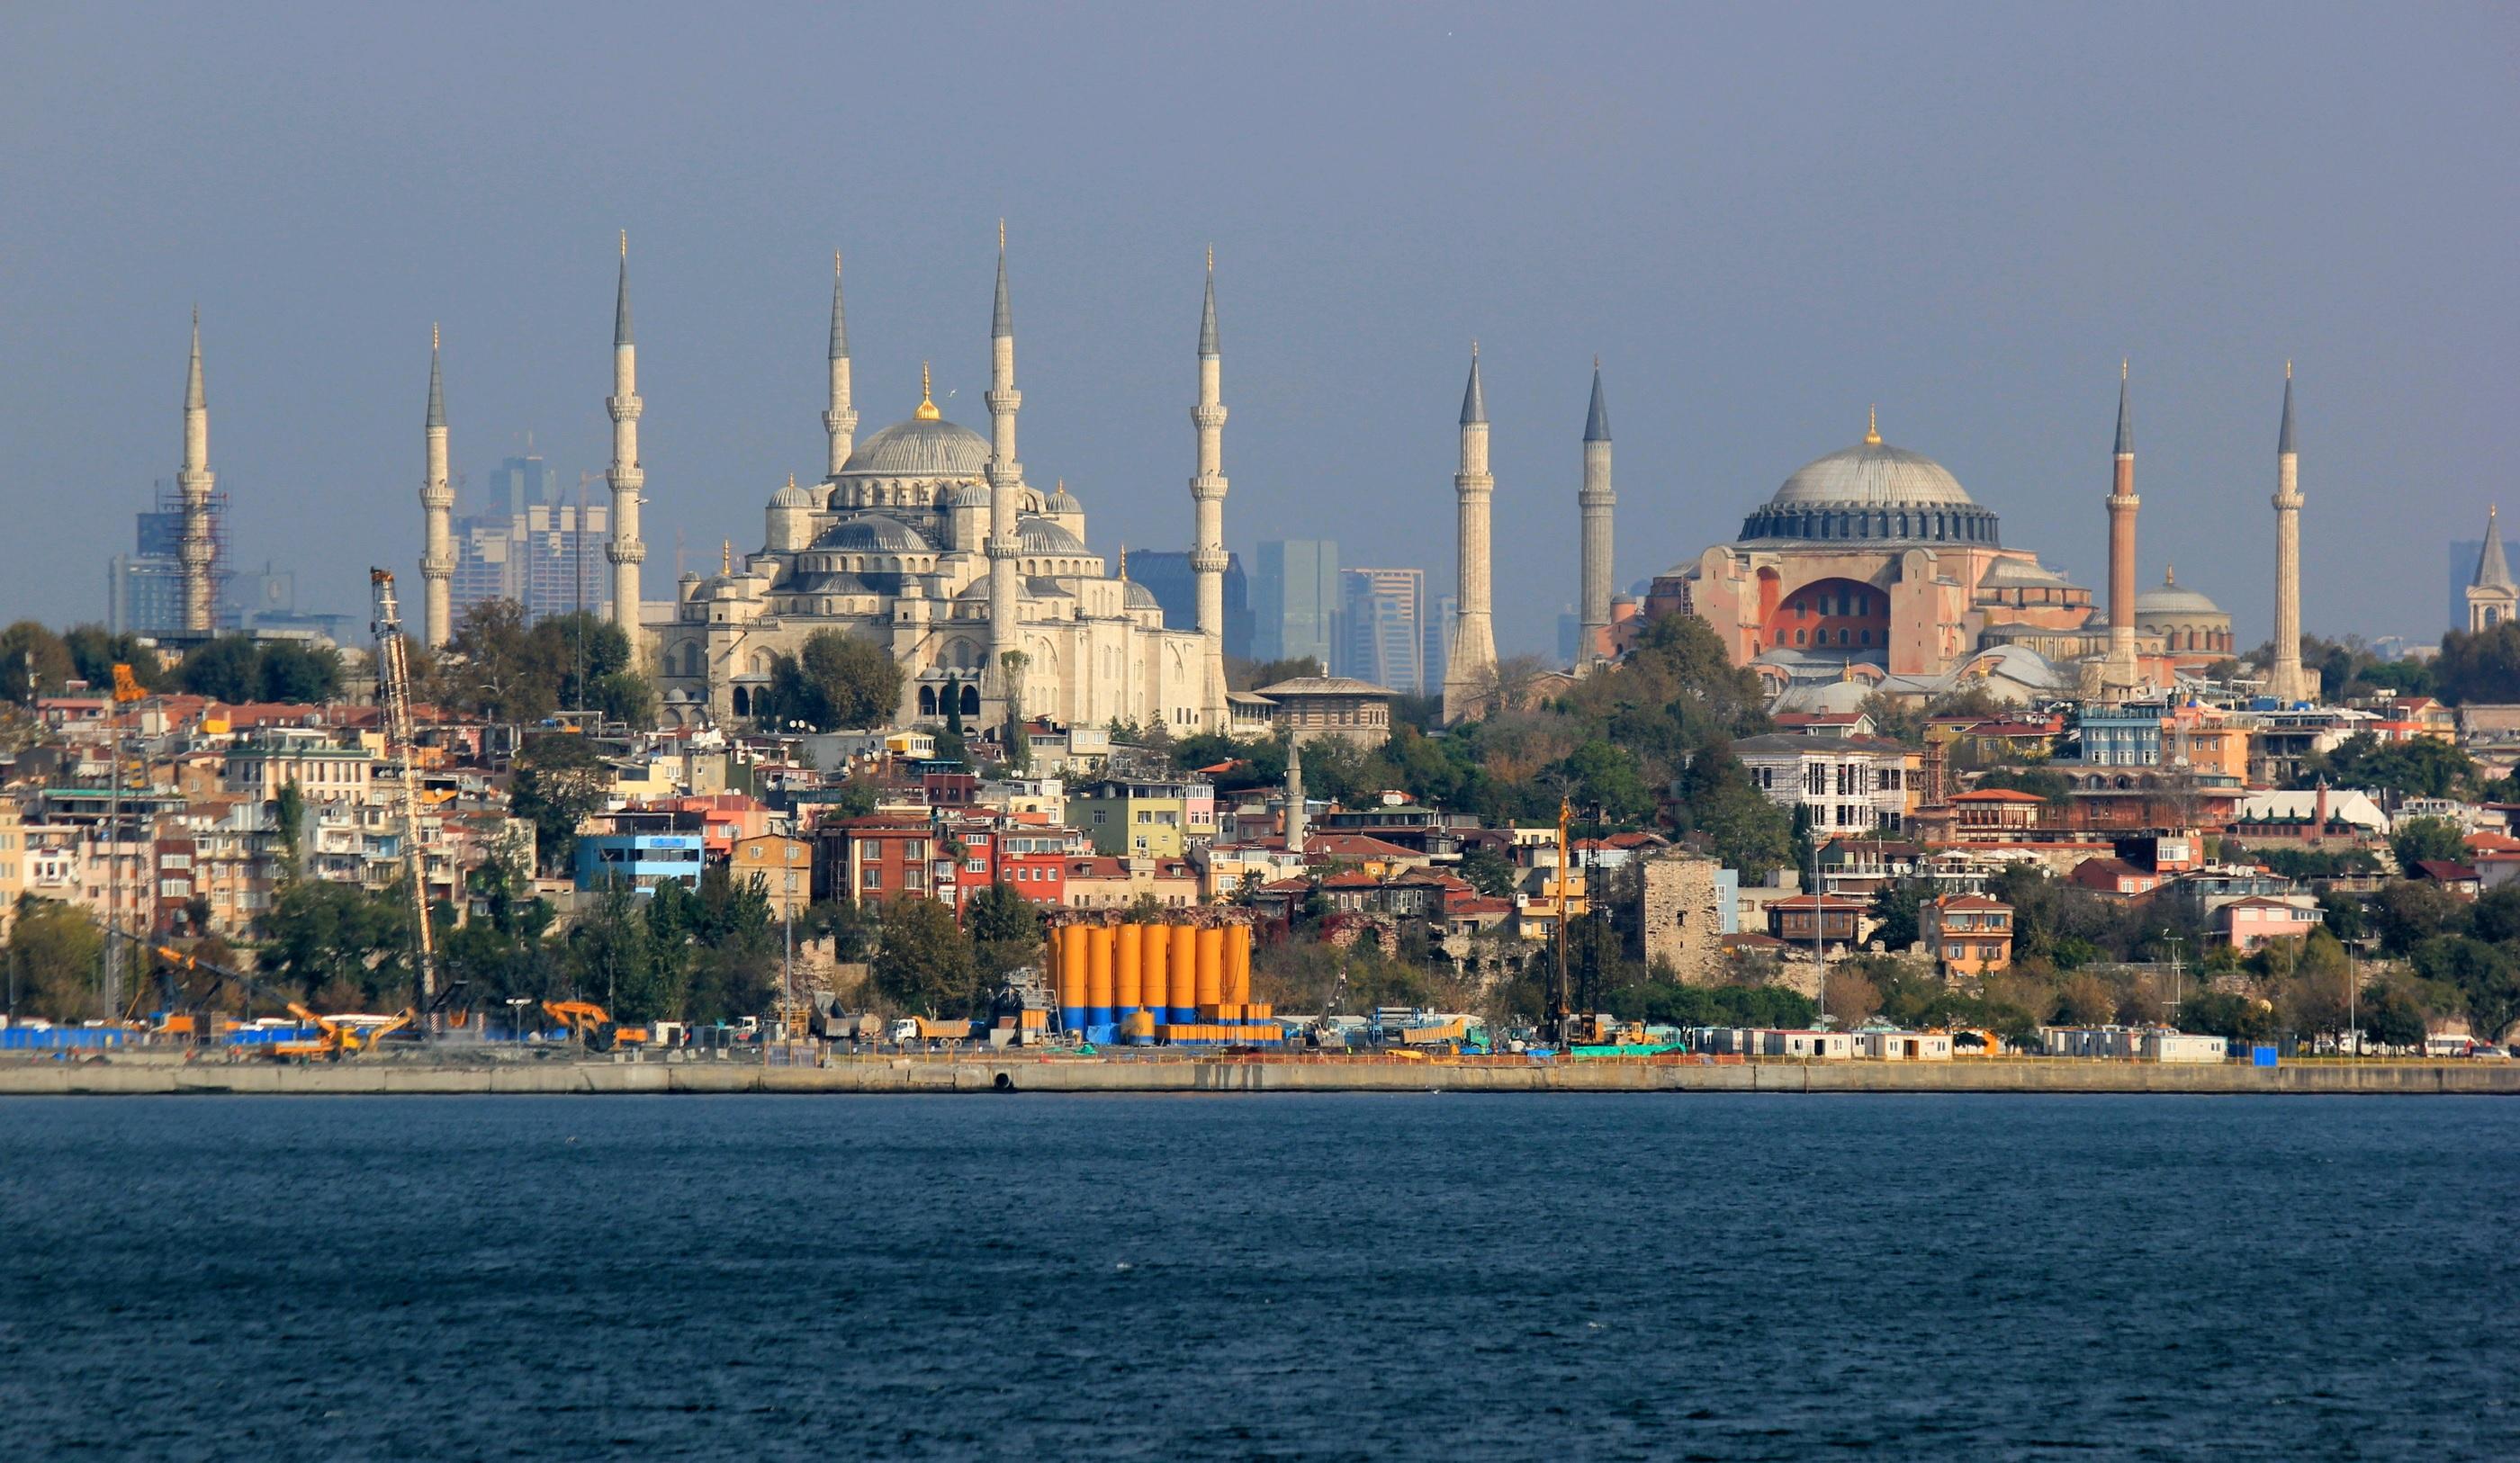 Ινδός δισεκατομμυριούχος χαρίζει σε 3.500 εργαζόμενούς του, διακοπές μιας εβδομάδας στην Κωσταντινούπολη!